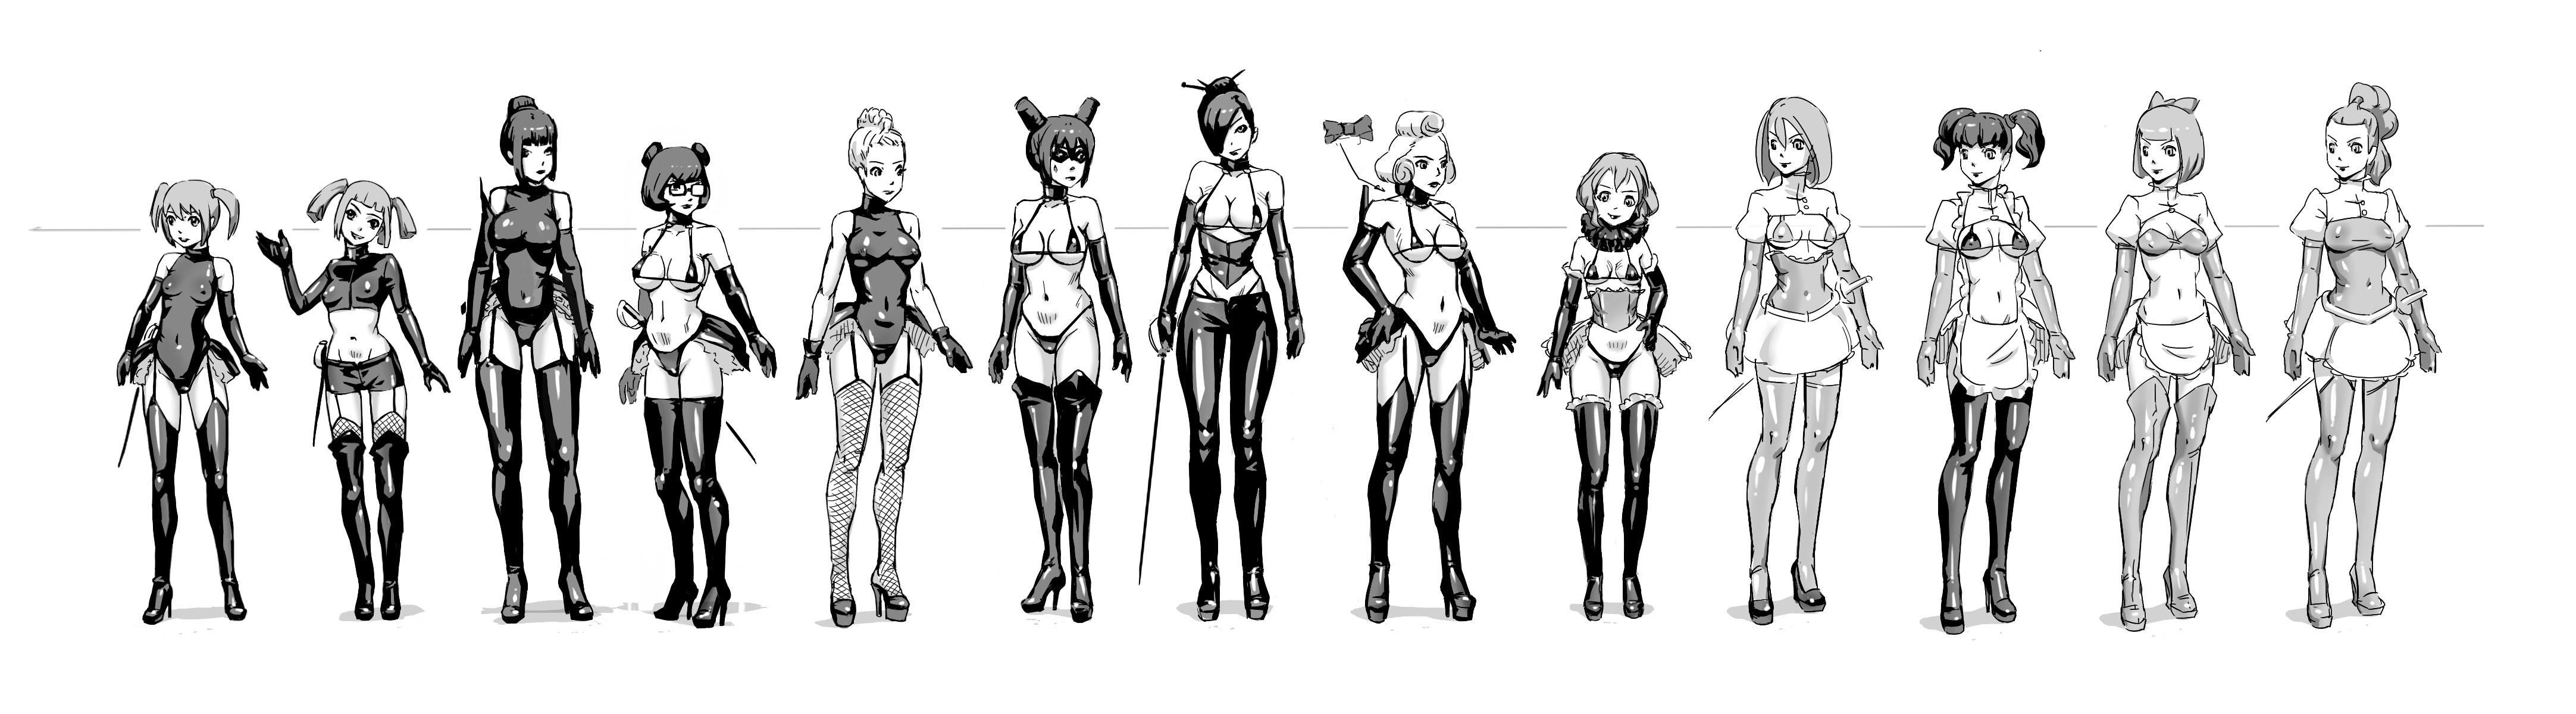 Fondos de pantalla : dibujo, ilustración, Chicas anime, Muslos altos ...